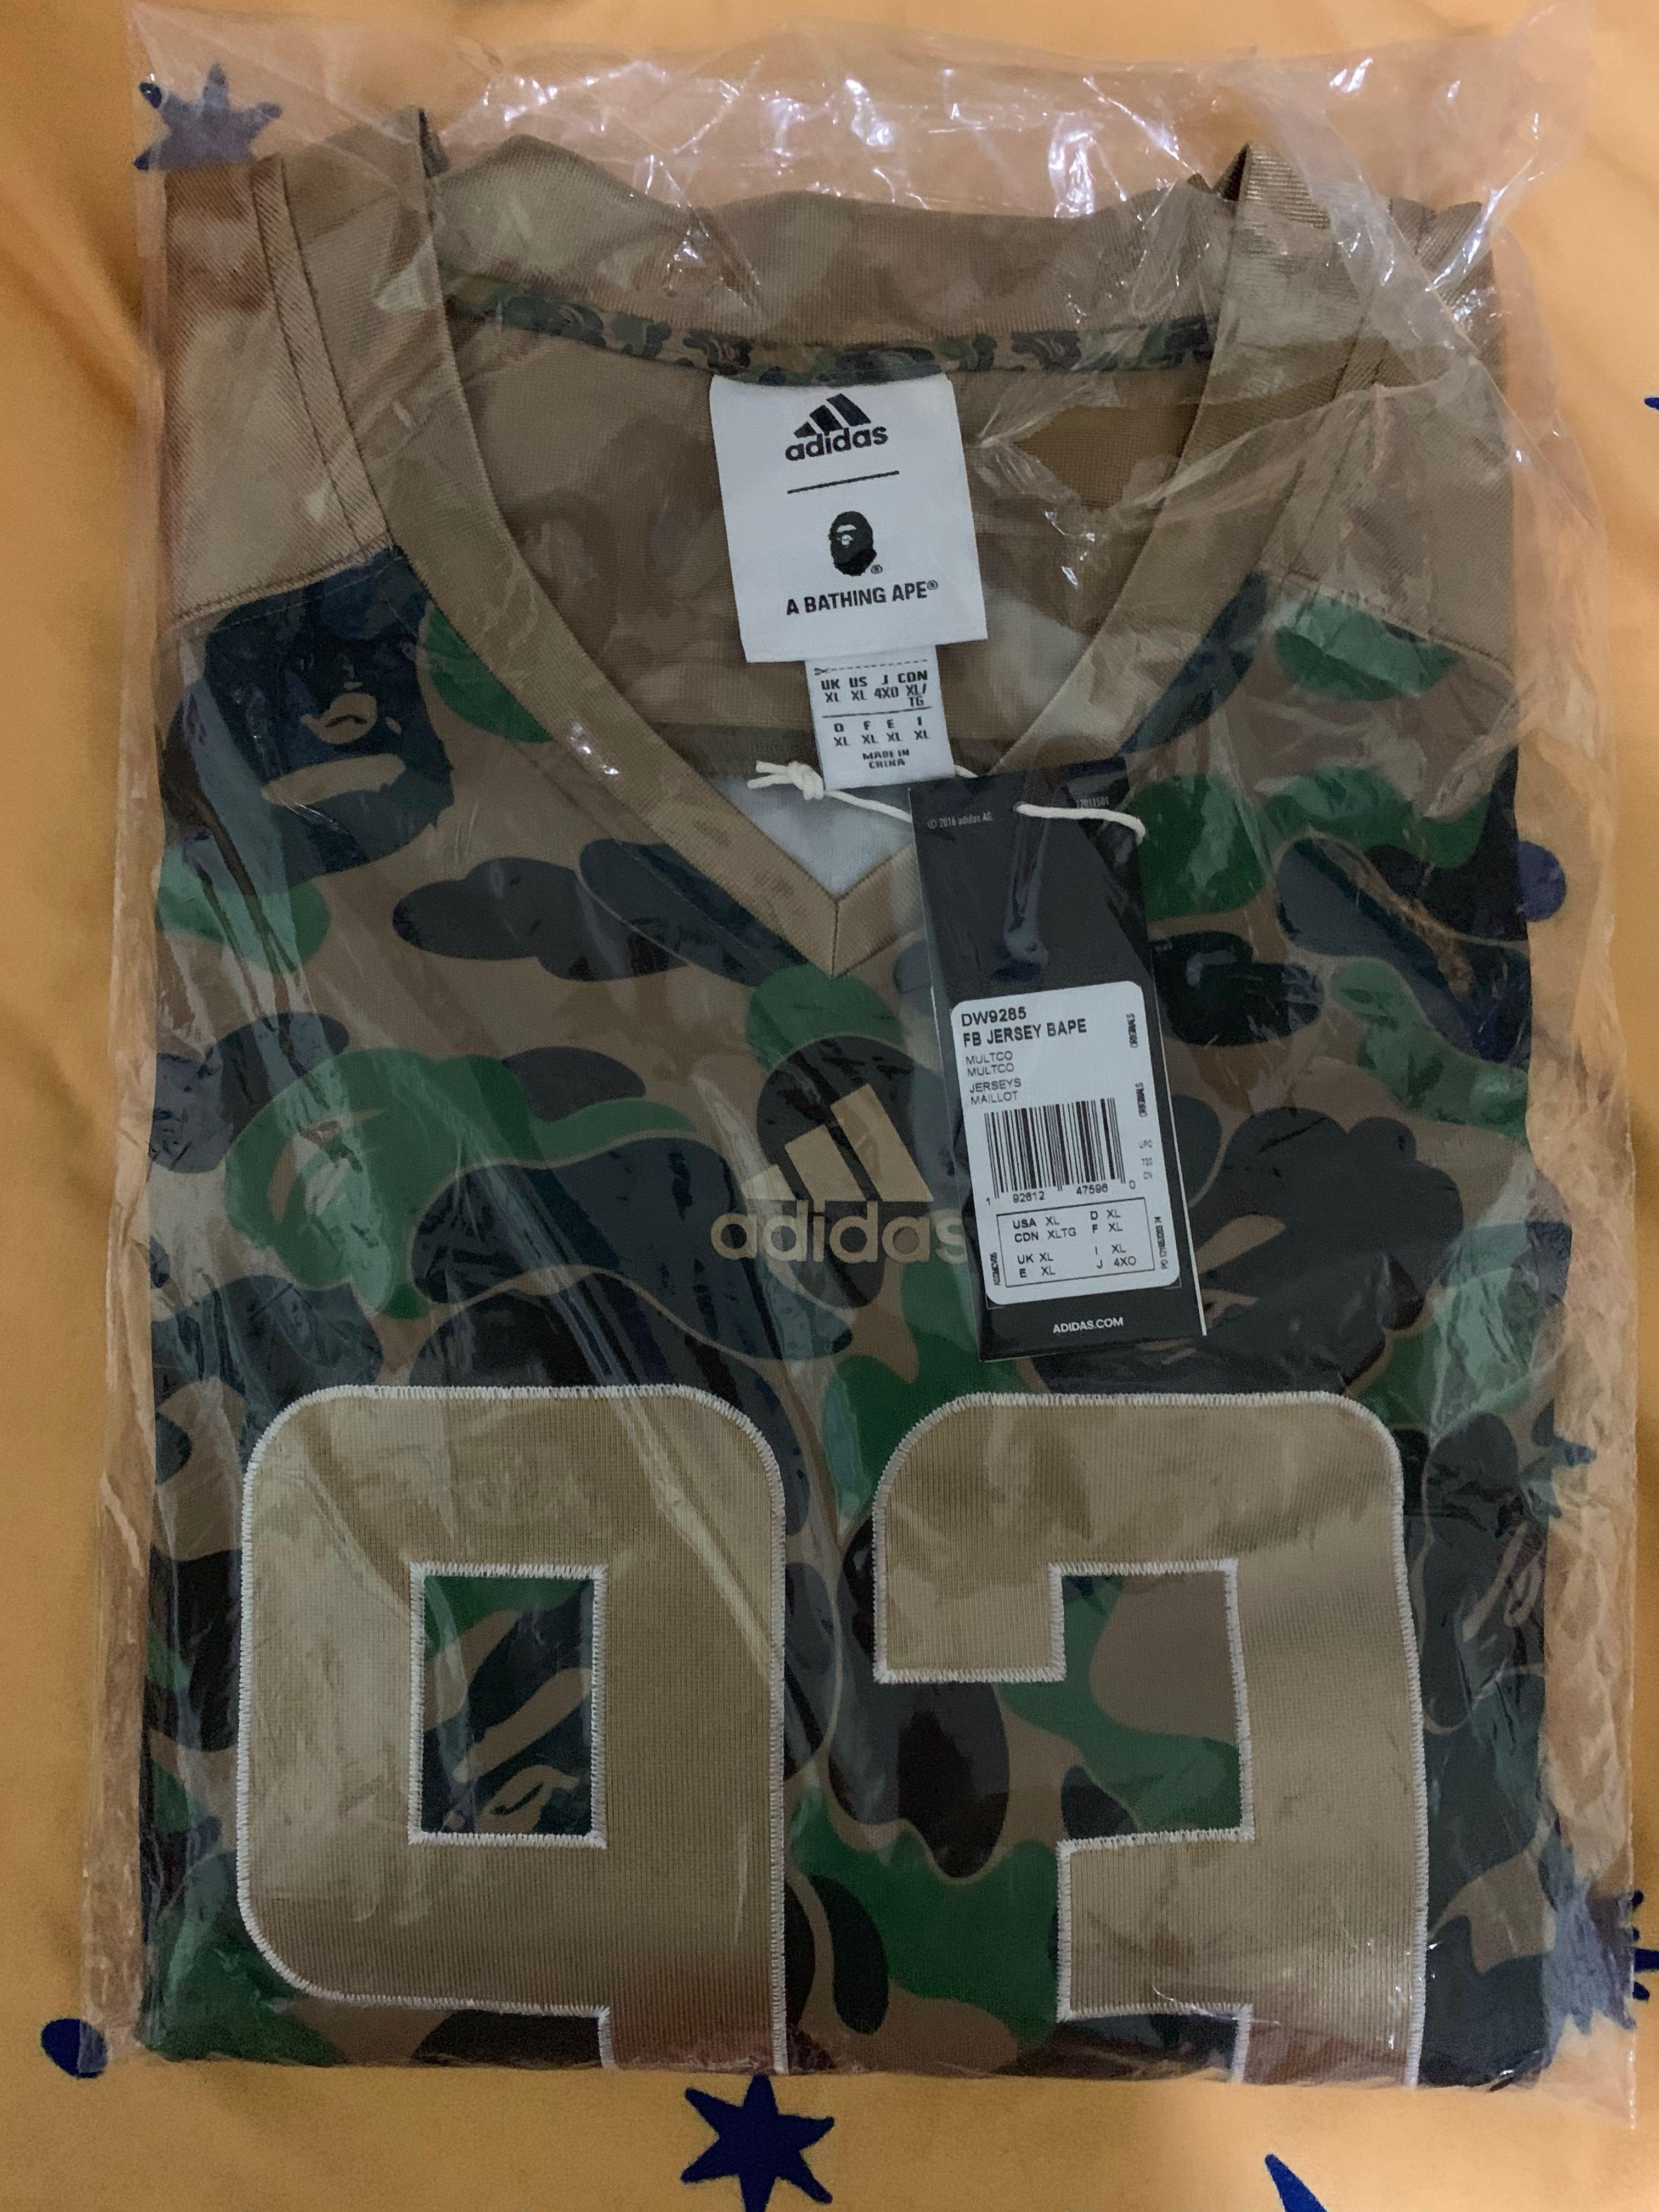 e0fb30fb Instock] Bape x Adidas SB Jersey (XL), Men's Fashion, Clothes, Tops ...